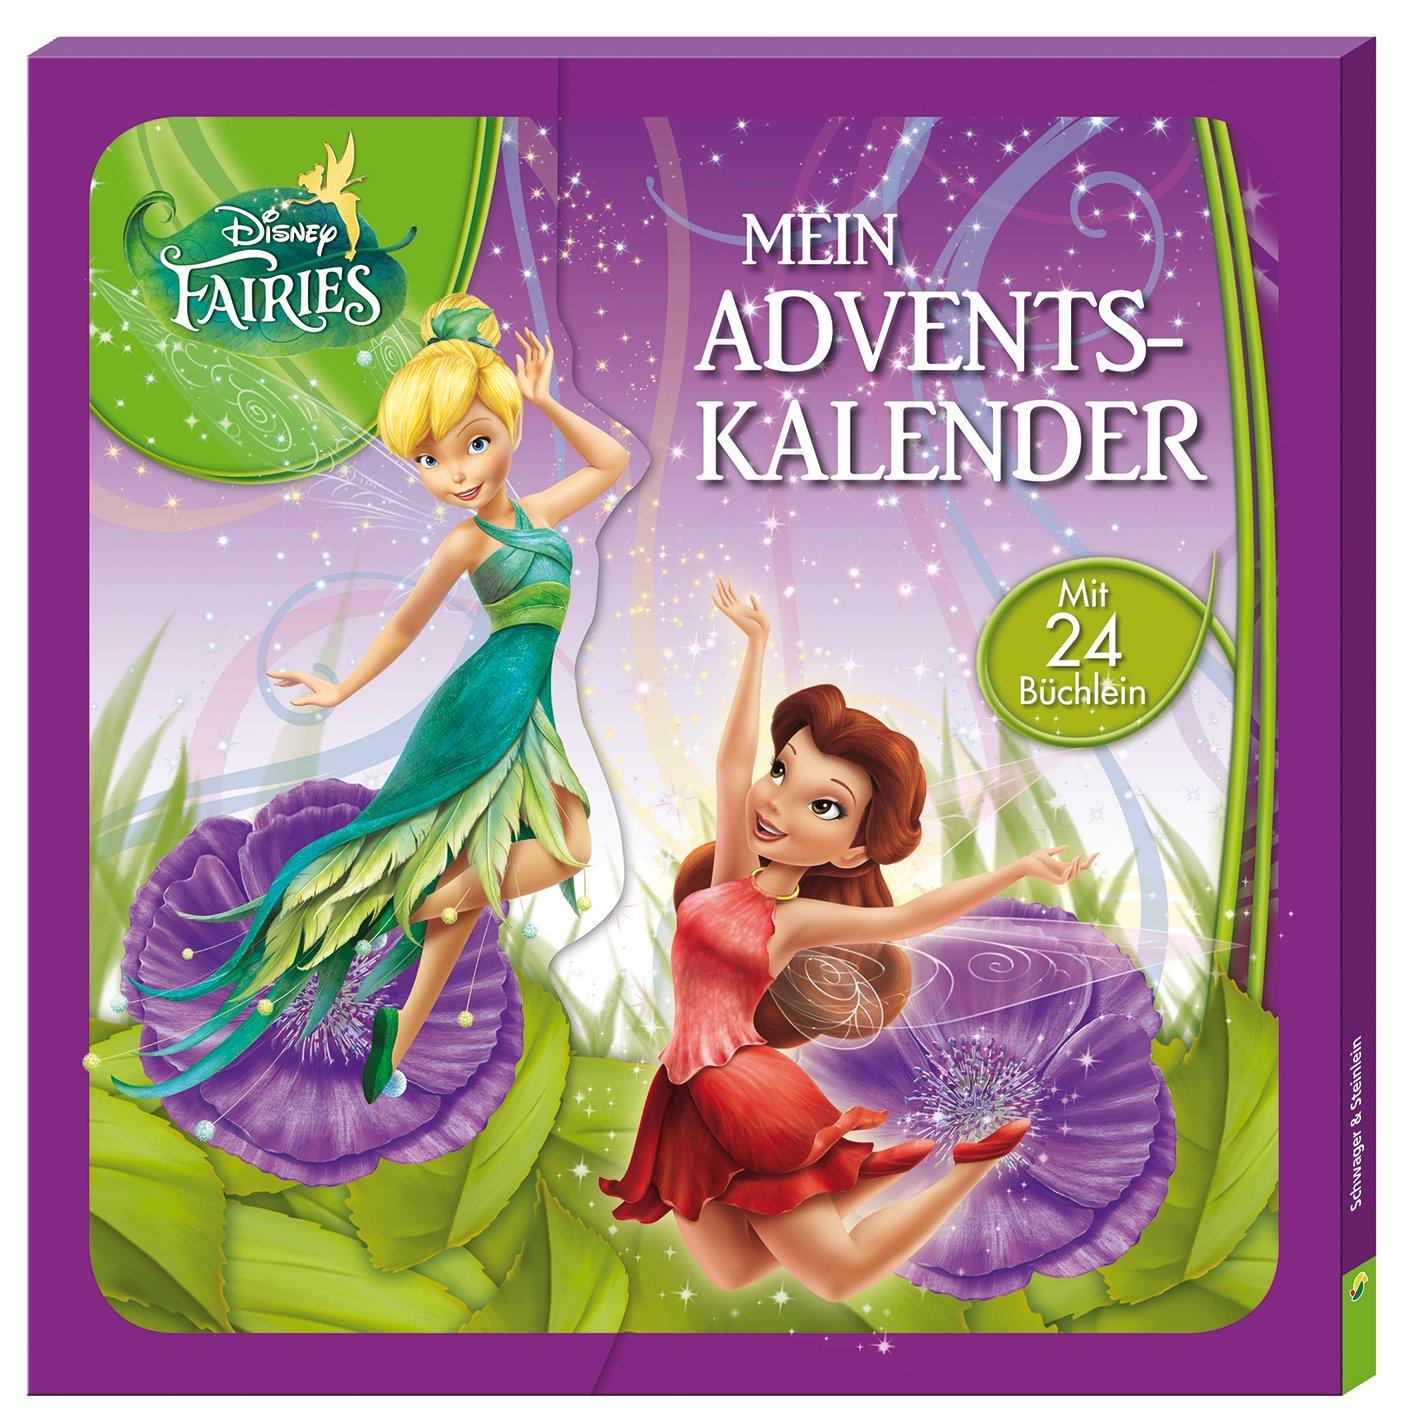 Disney Fairies - Mein Adventskalender: Mit 24 Büchlein Pappbilderbuch – 1. September 2016 Schwager & Steinlein 3849909514 empfohlenes Alter: ab 3 Jahre Weihnachten